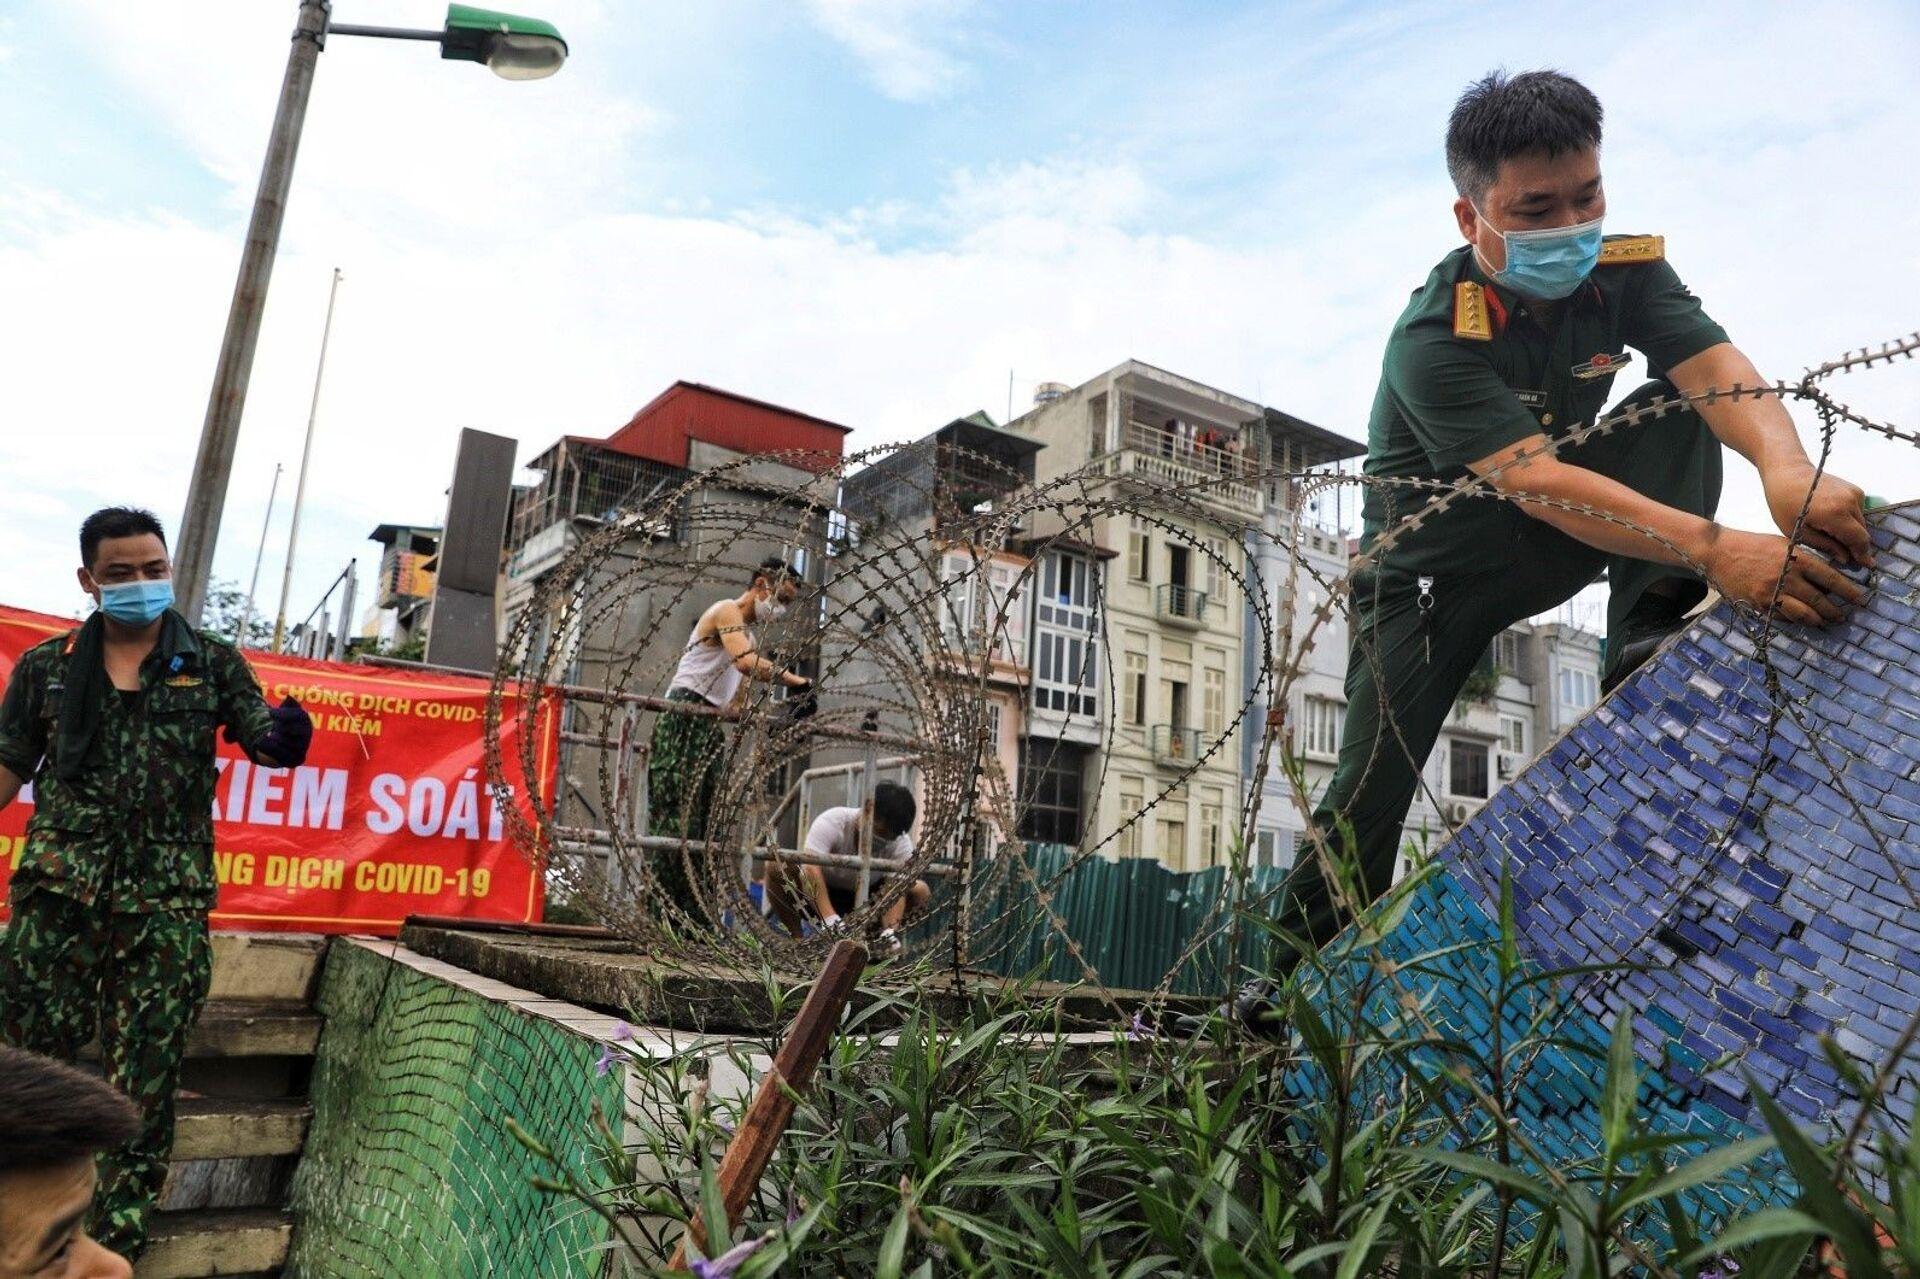 Lập hàng rào dây thép gai dọc đường Hồng Hà khu vực phong tỏa cả phường Chương Dương (Hà Nội) - Sputnik Việt Nam, 1920, 05.10.2021